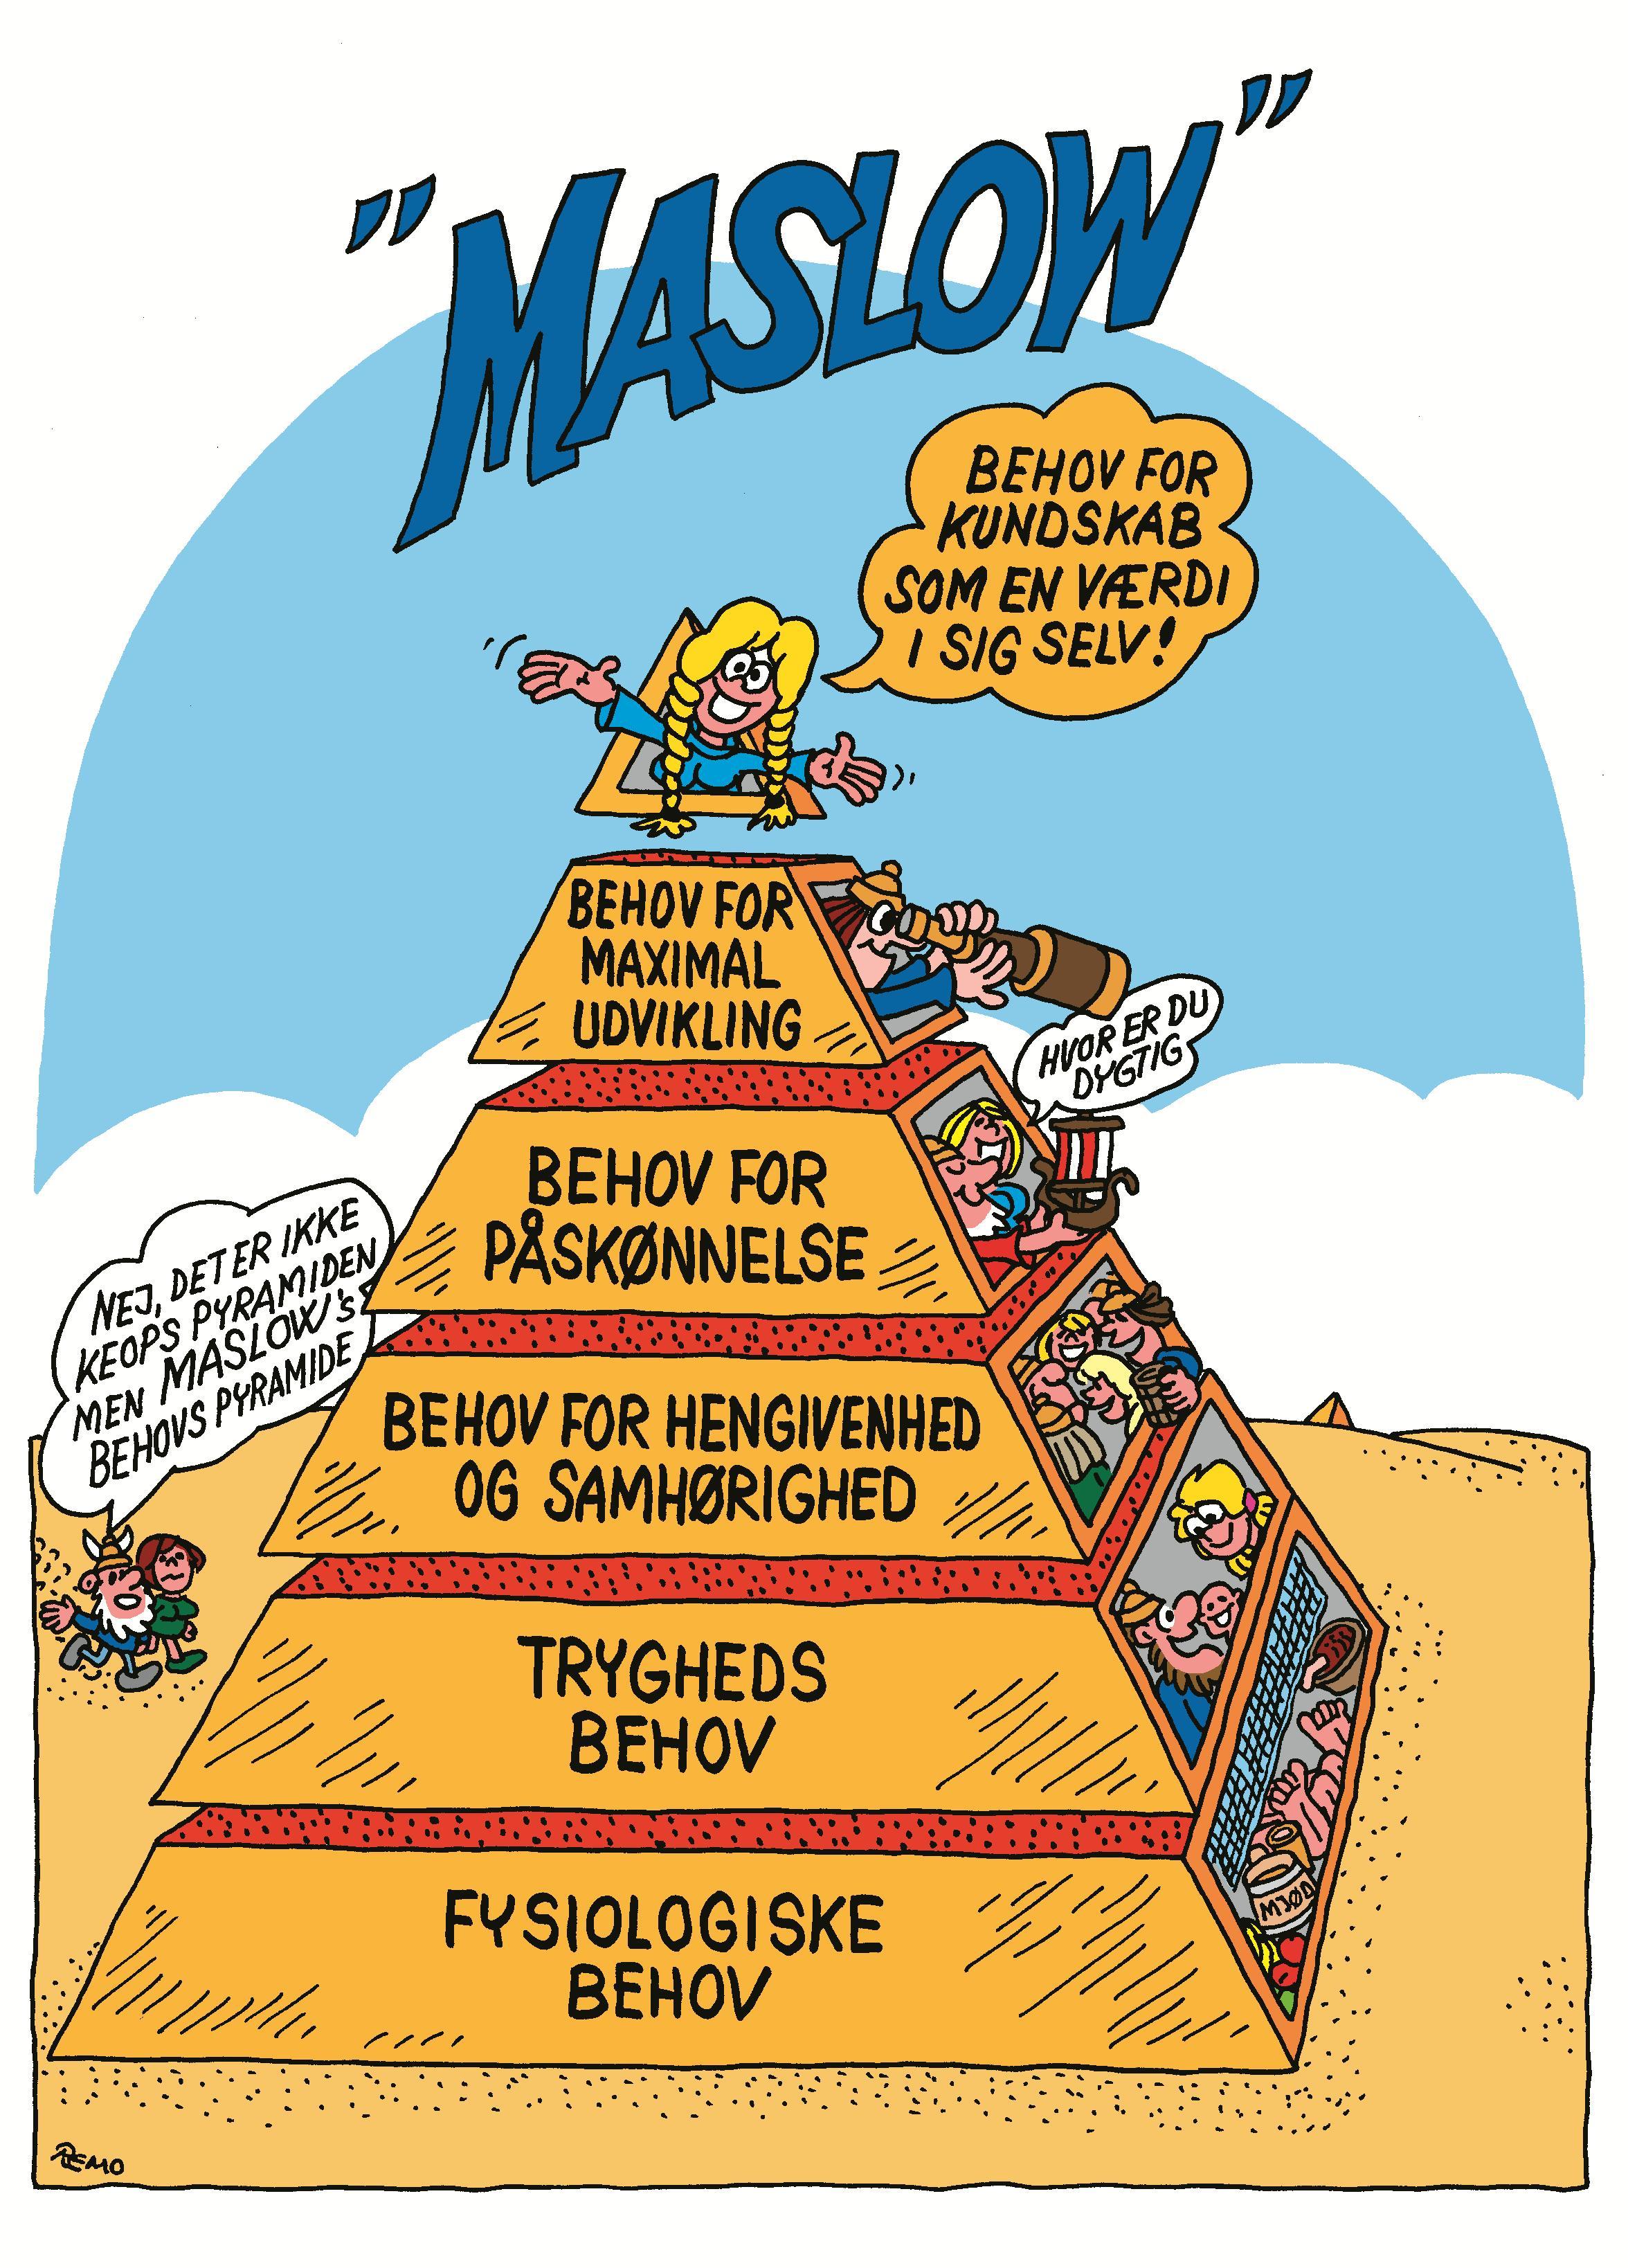 maslows behov pyramid